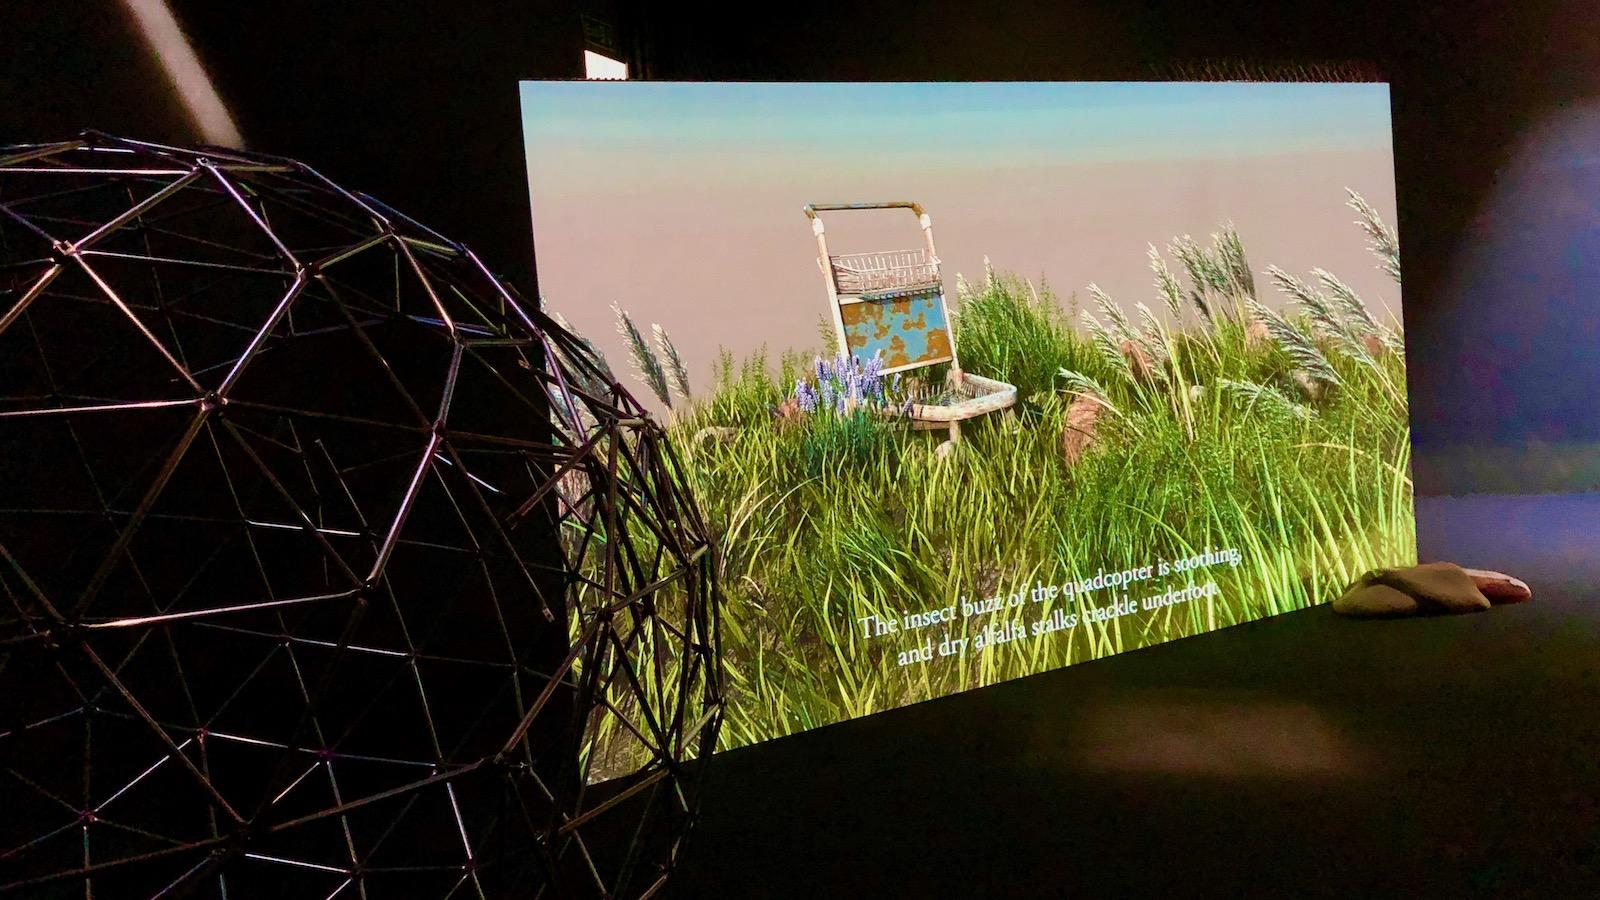 Tulevaisuudet taiteessa: Taitelijakaksikko nabbteerin teoksessa ihmisen ja muiden lajien yhteinen tulevaisuus vaatii muutoksia – ihmiseltä